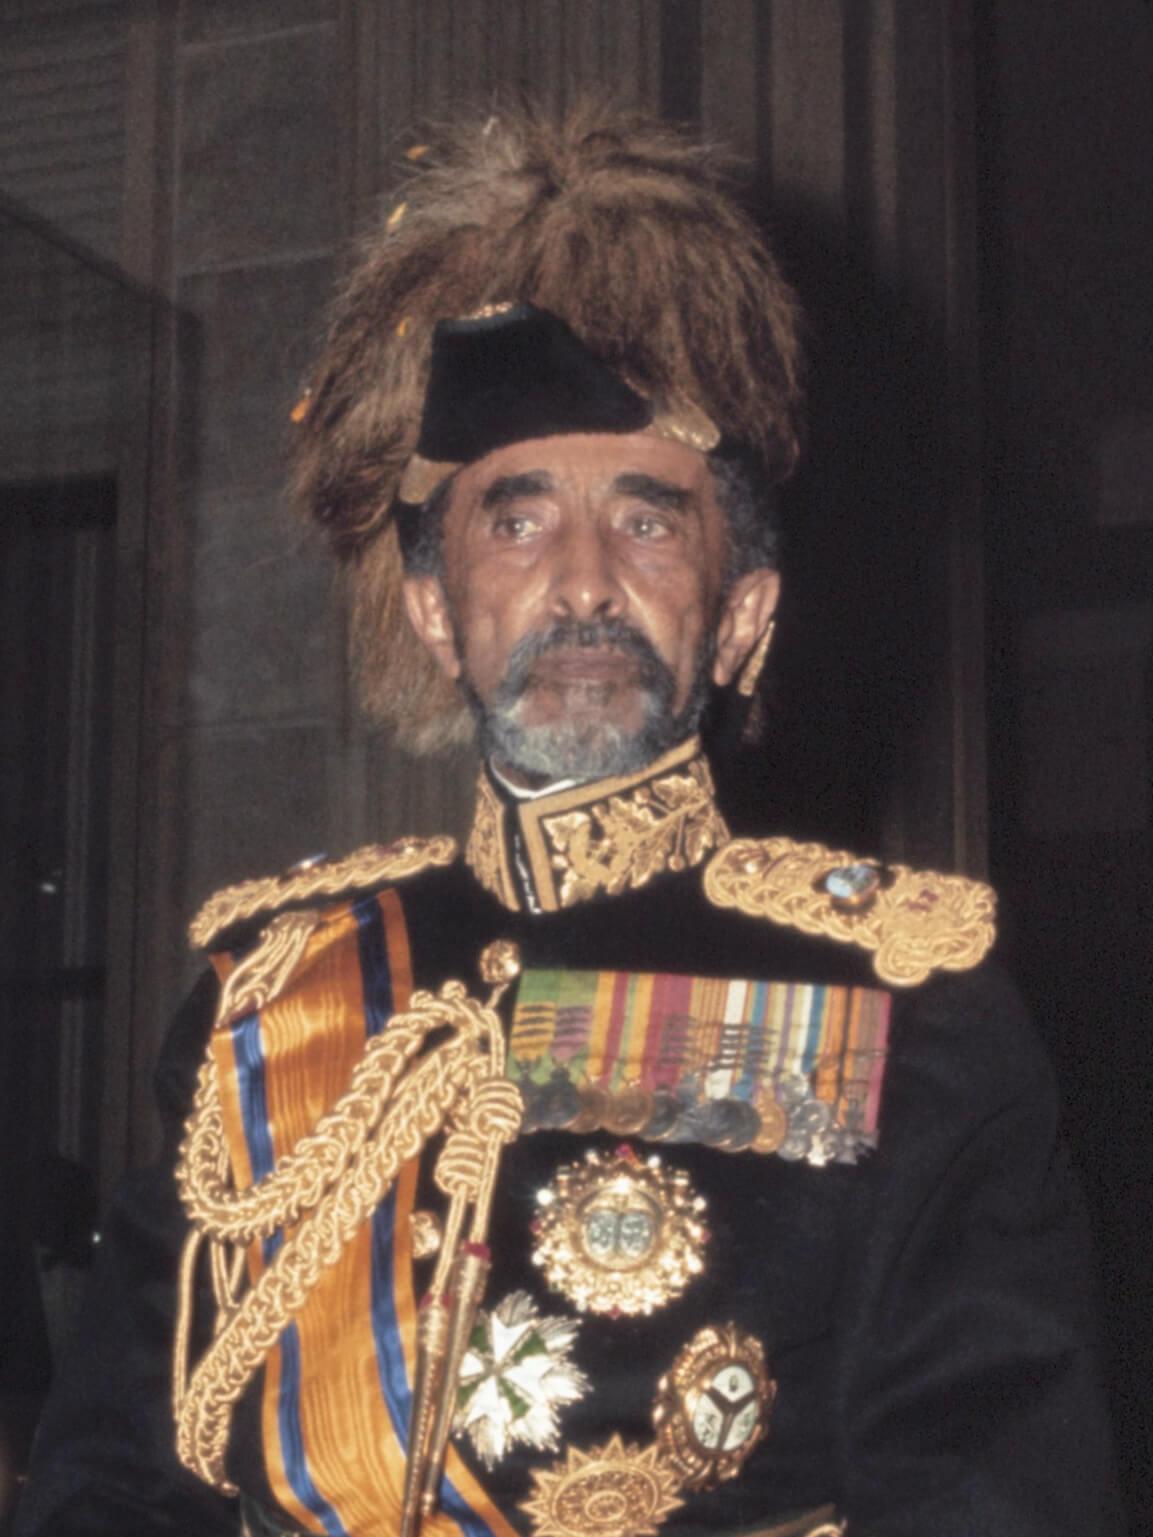 Haile Selassie tijdens staatsbezoek *januari 1969